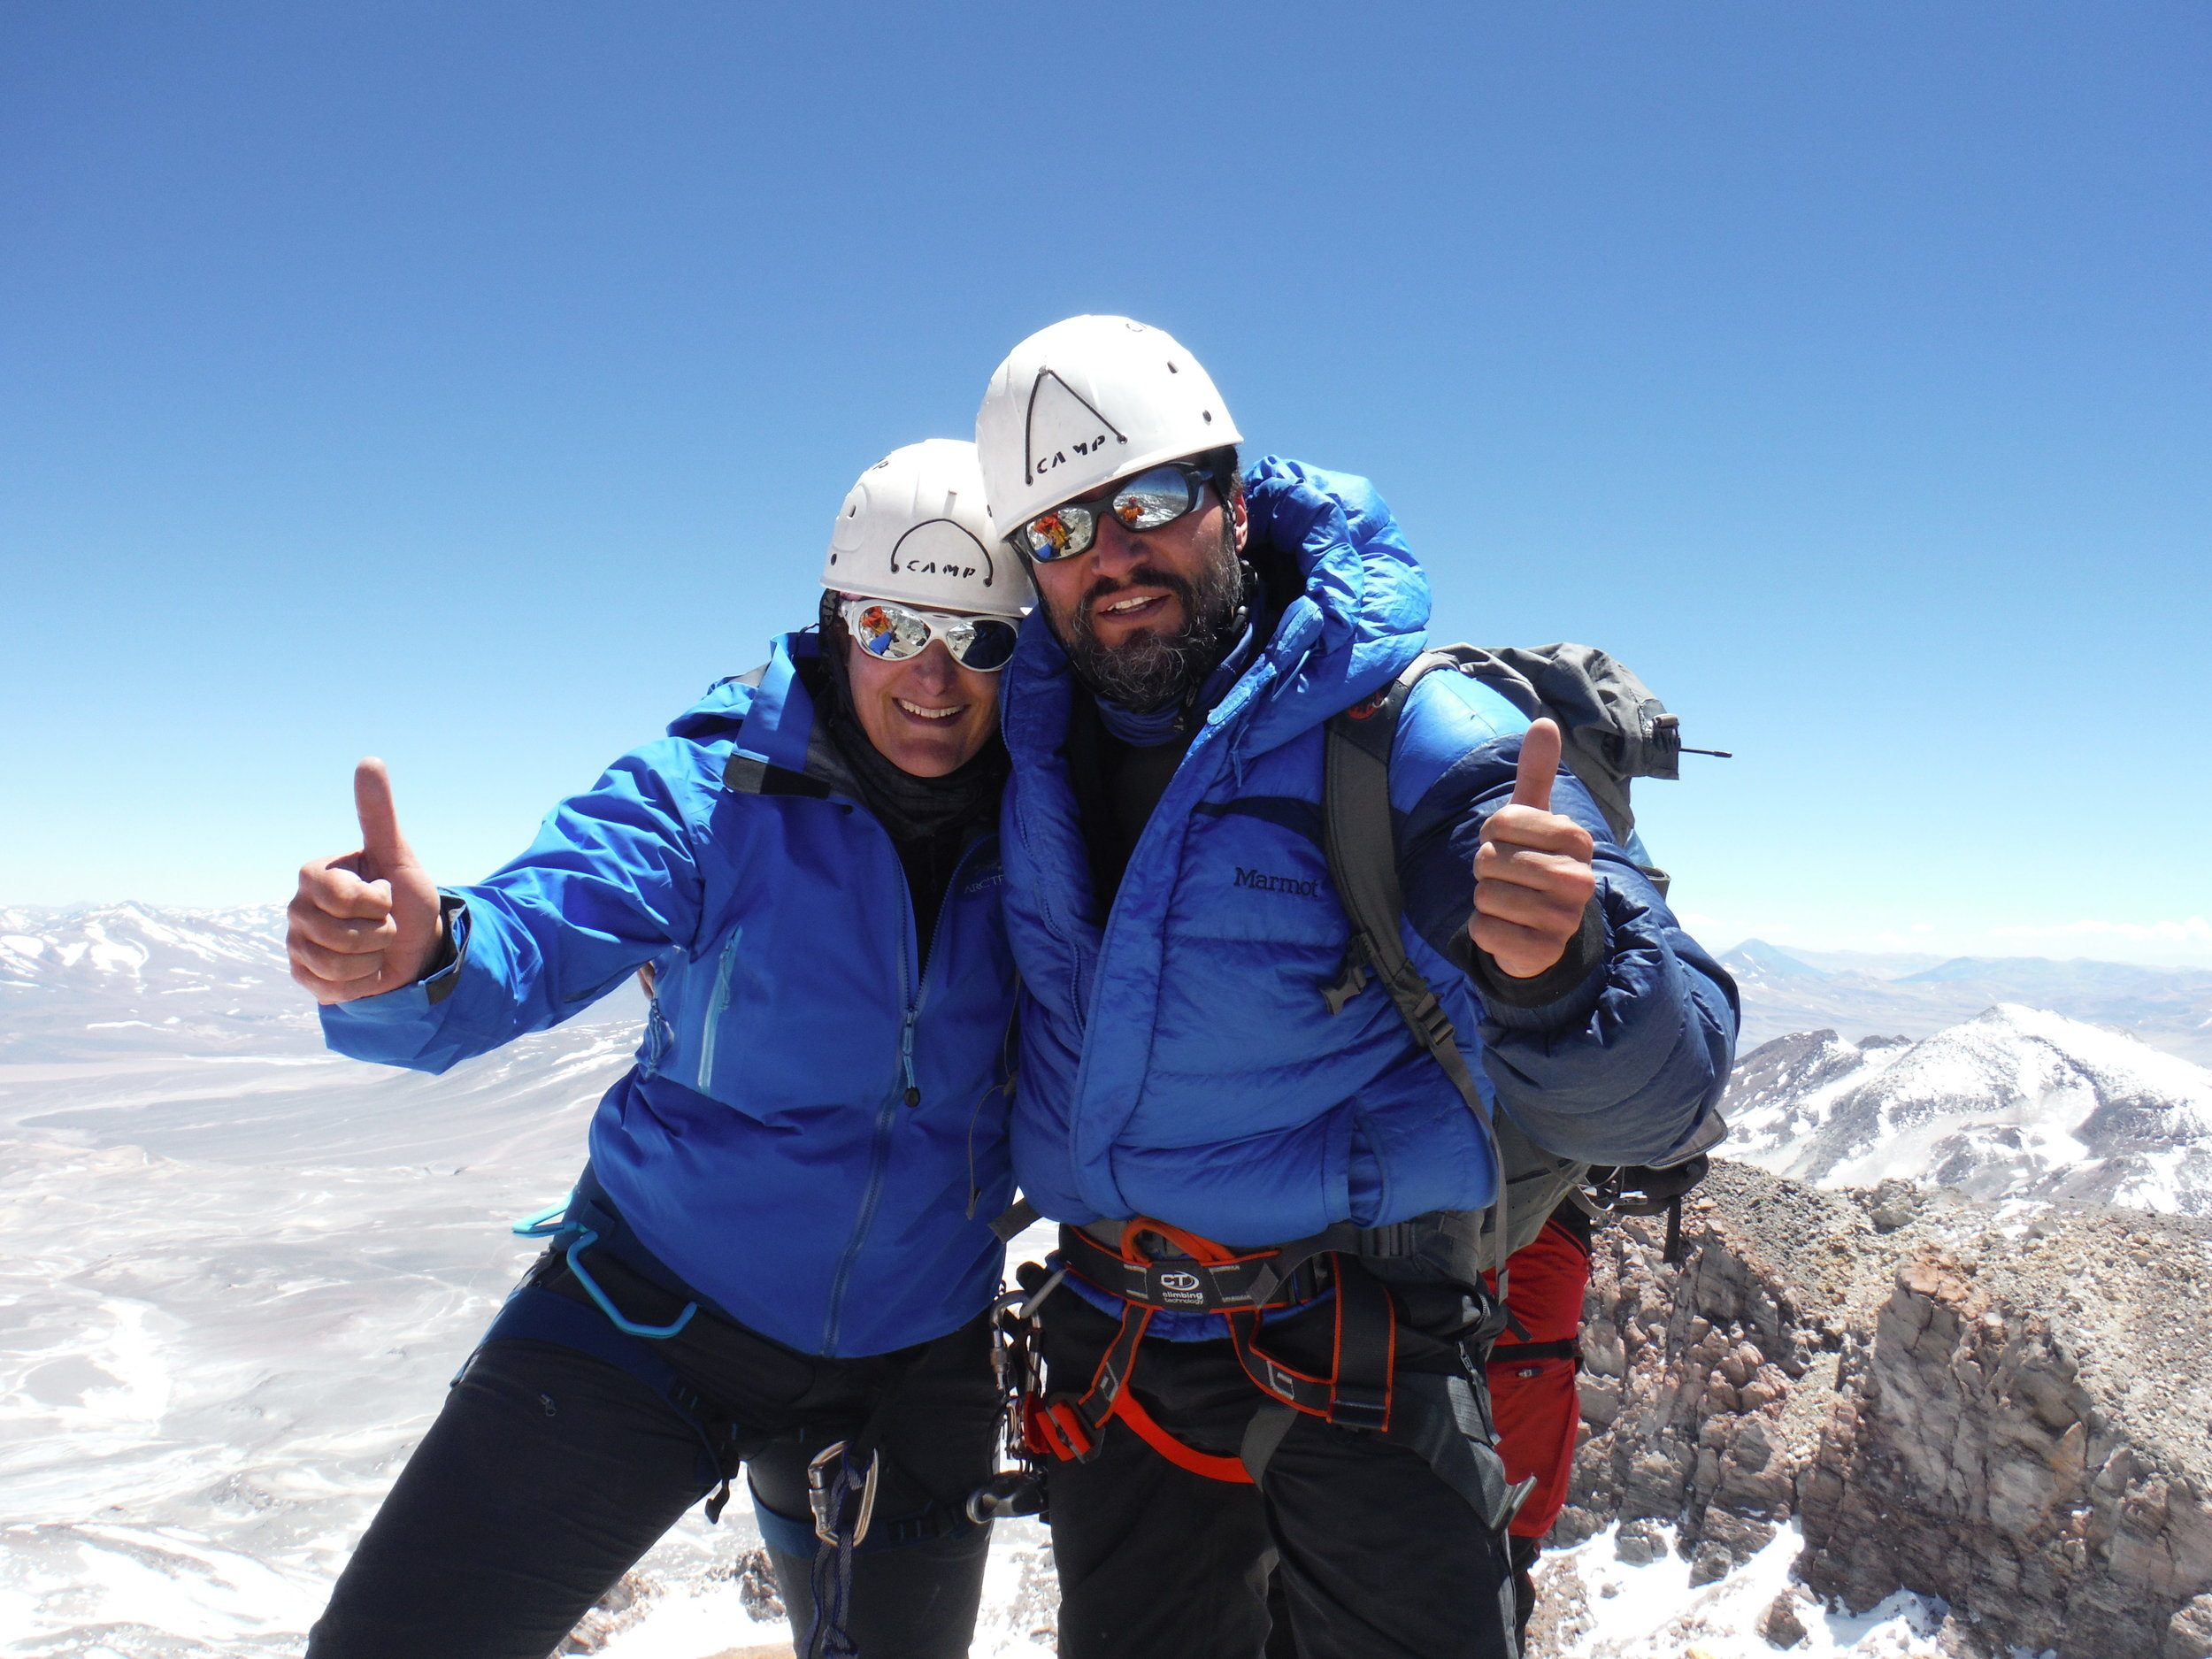 Klatre til topps i Andesfjellene